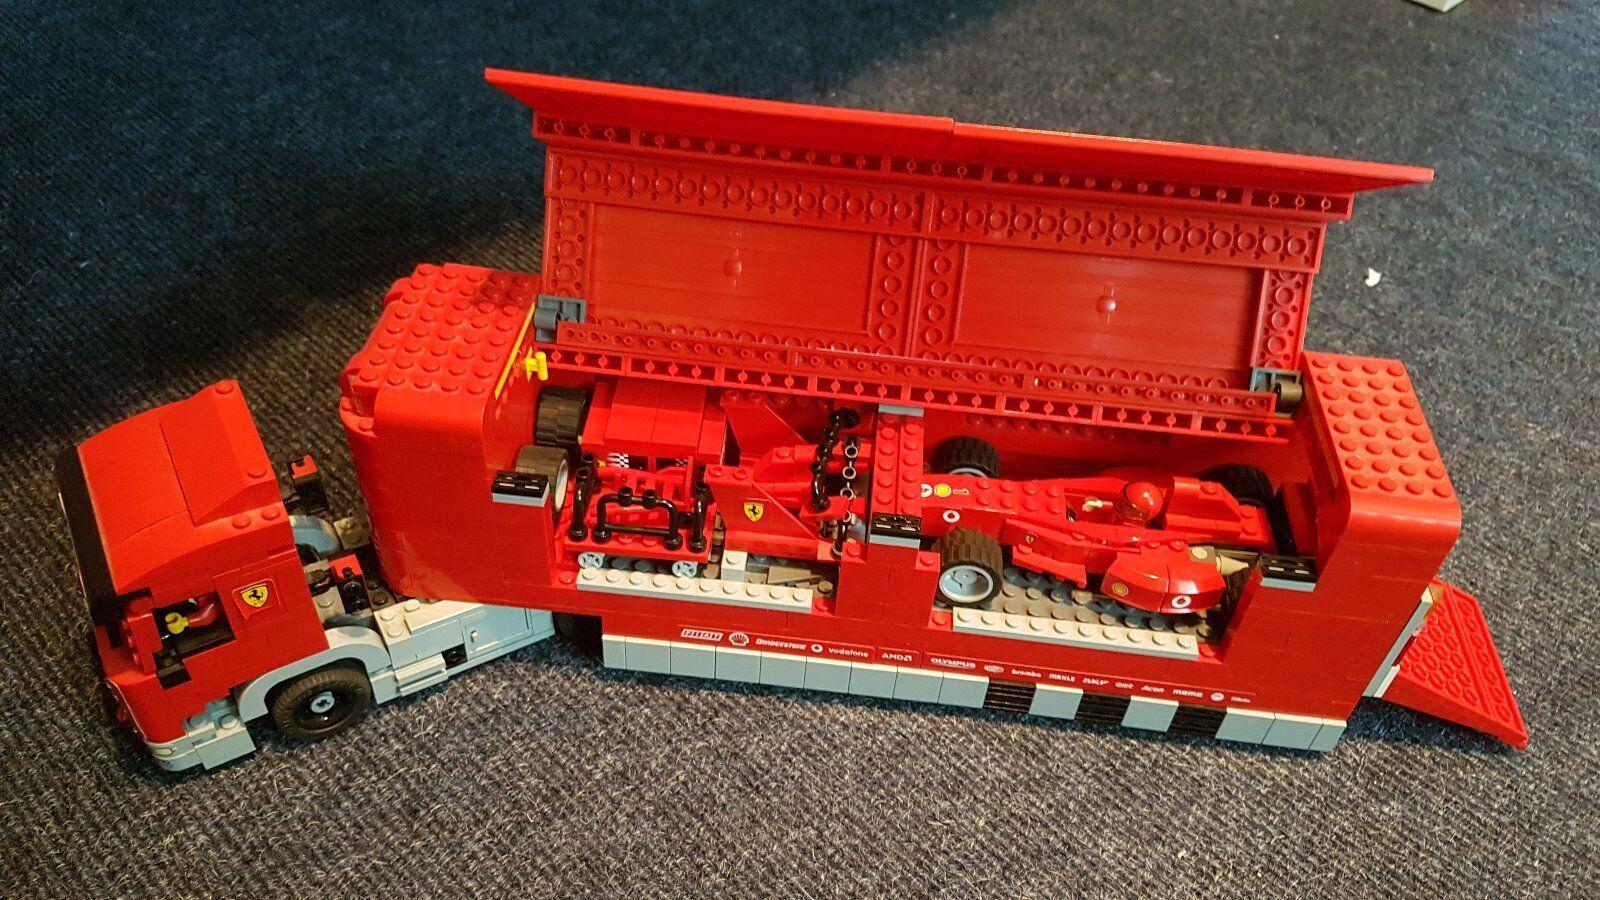 Lego Racers Scuderia Ferrari Truck (8654)